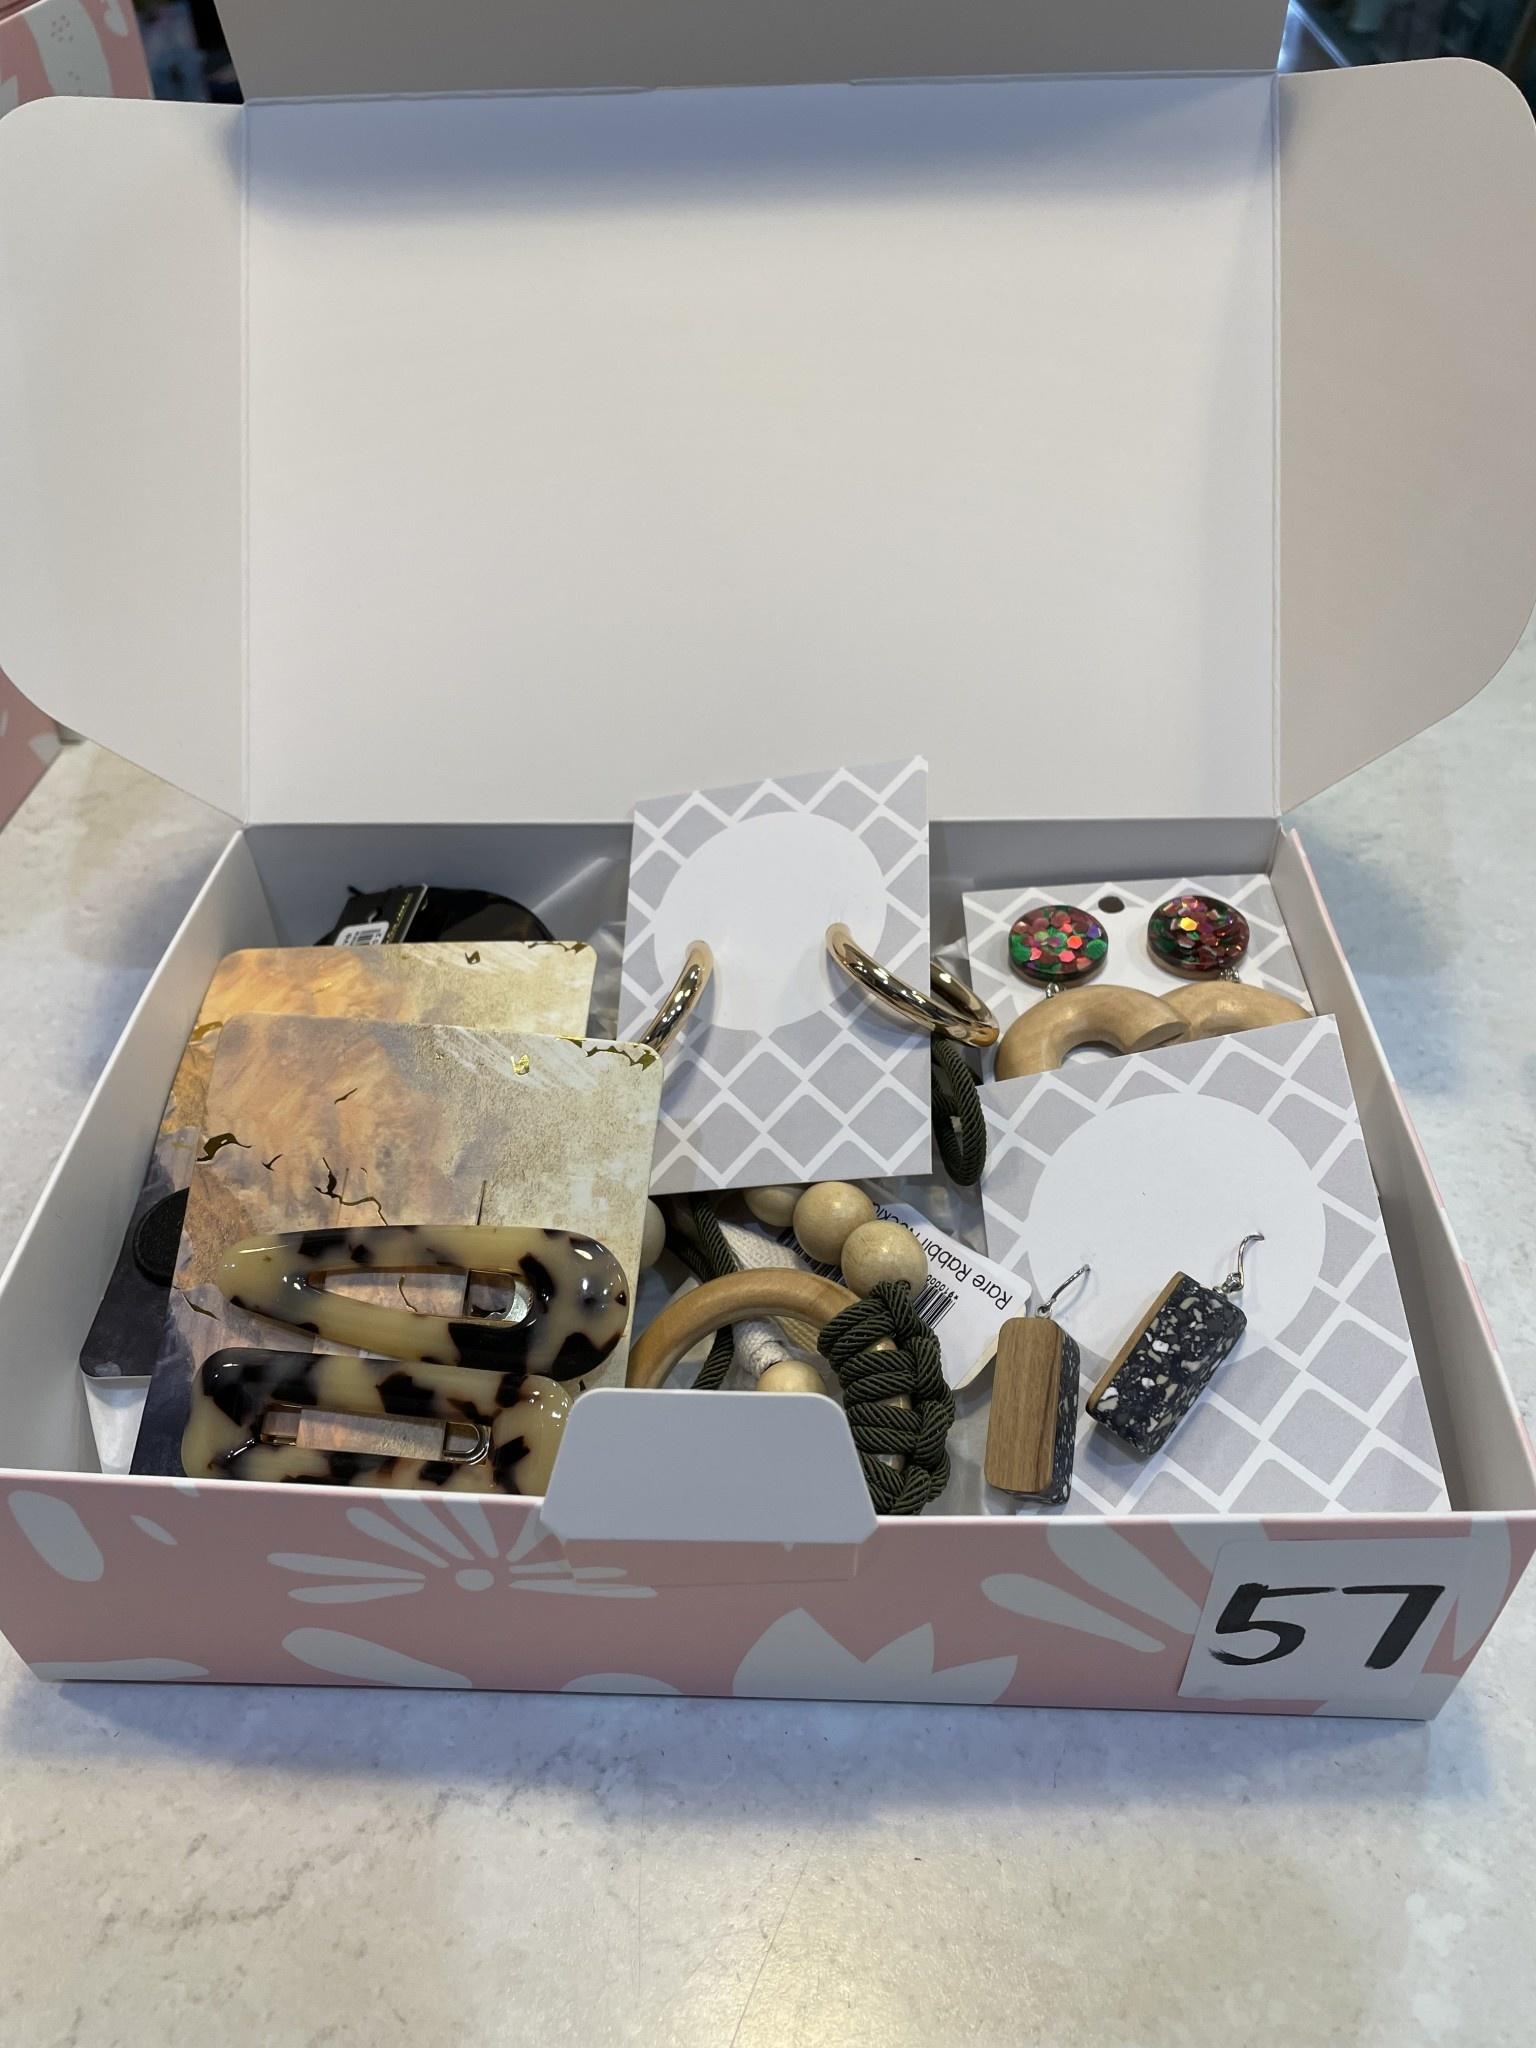 Jewel Box 57